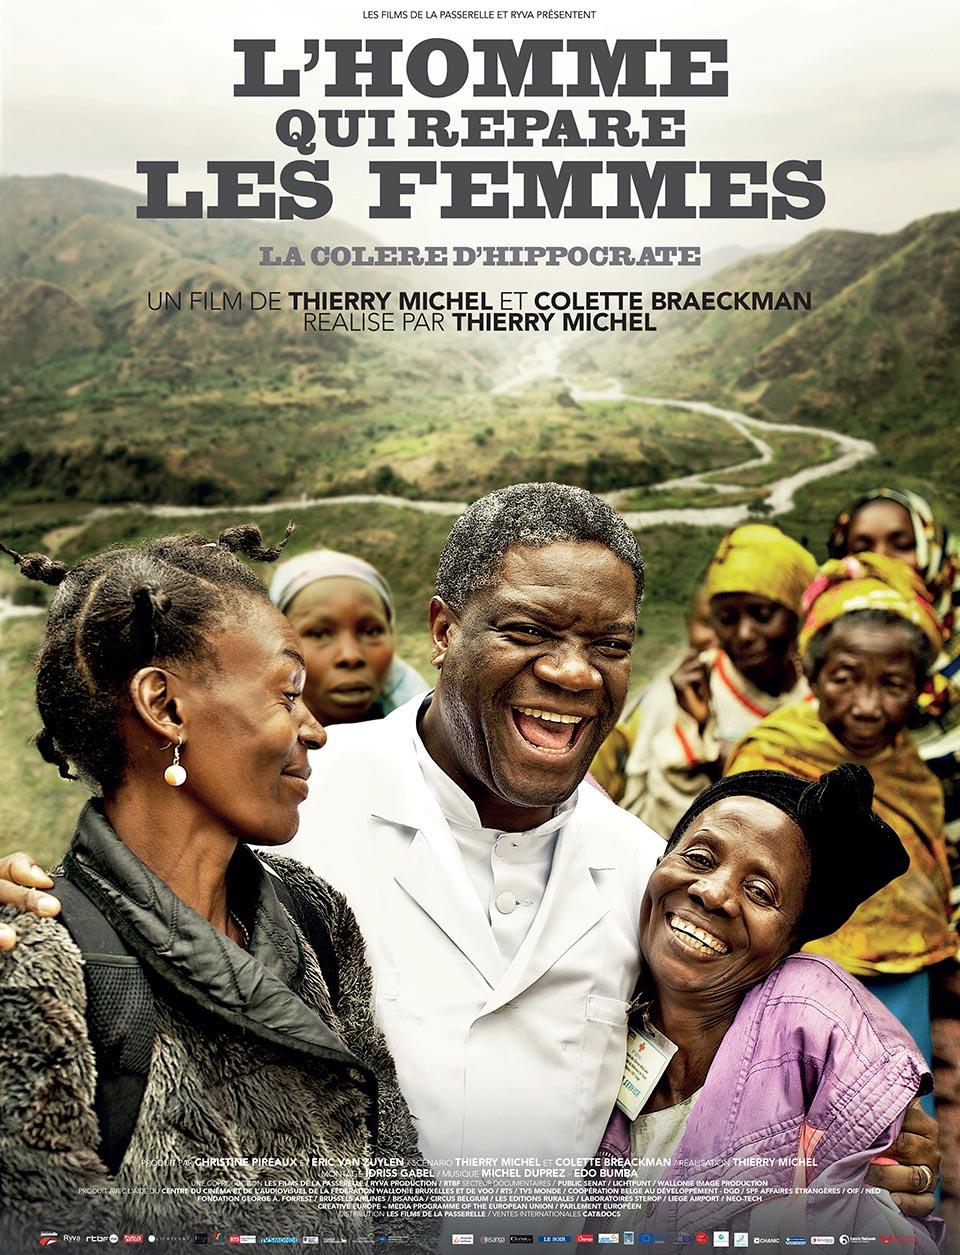 L'homme qui répare les femmes (2015) de Thierry Michel.